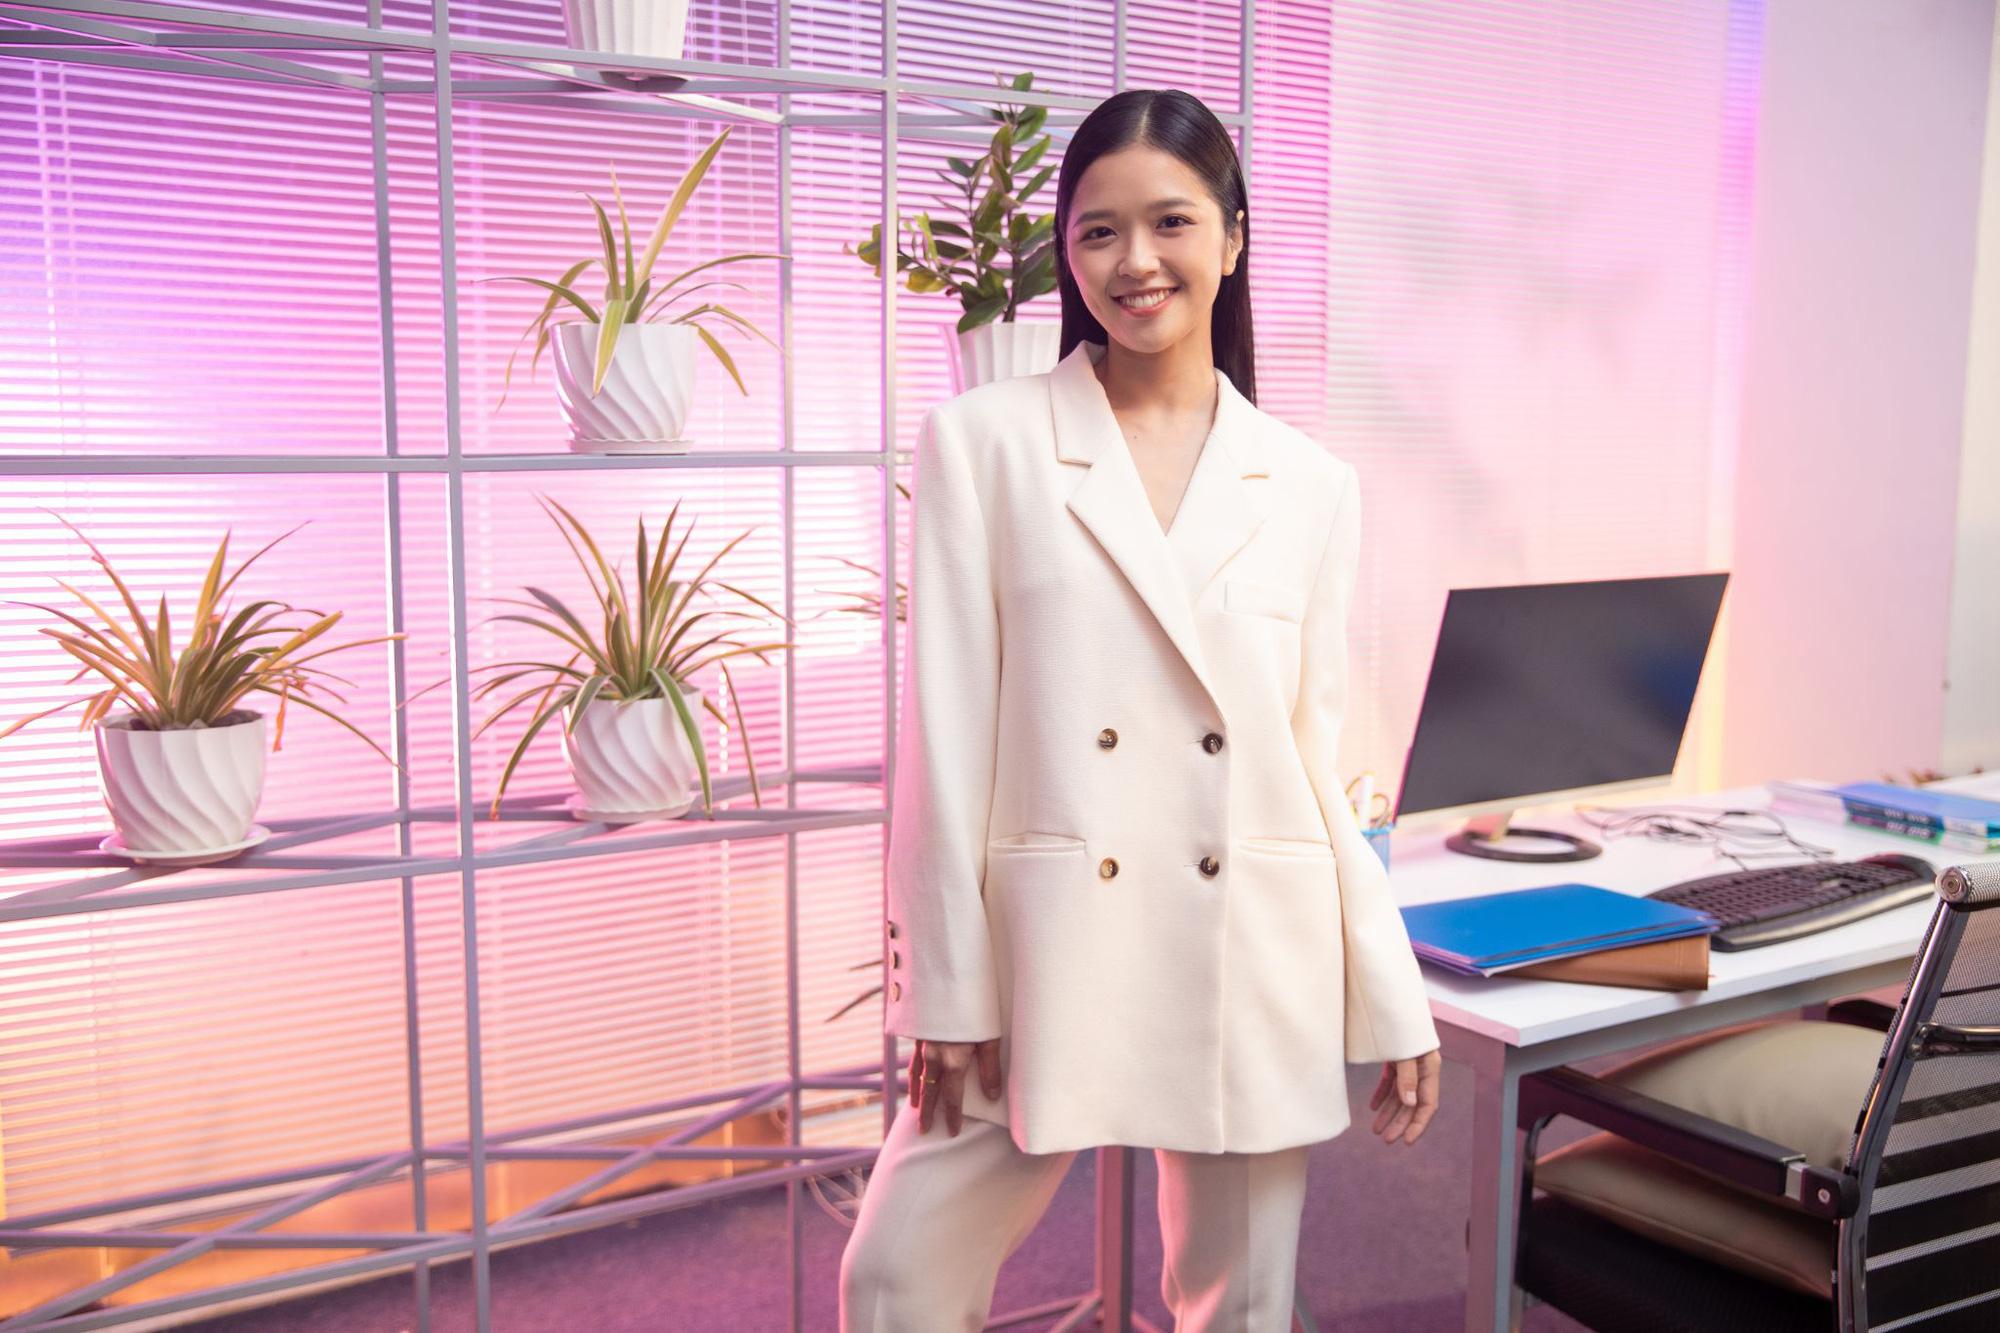 Suni Hạ Linh ra mắt sản phẩm kết hợp producer của BTS, Hoàng Dũng - Dế Choắt góp sức lan tỏa giá trị của lời cảm ơn - Ảnh 3.